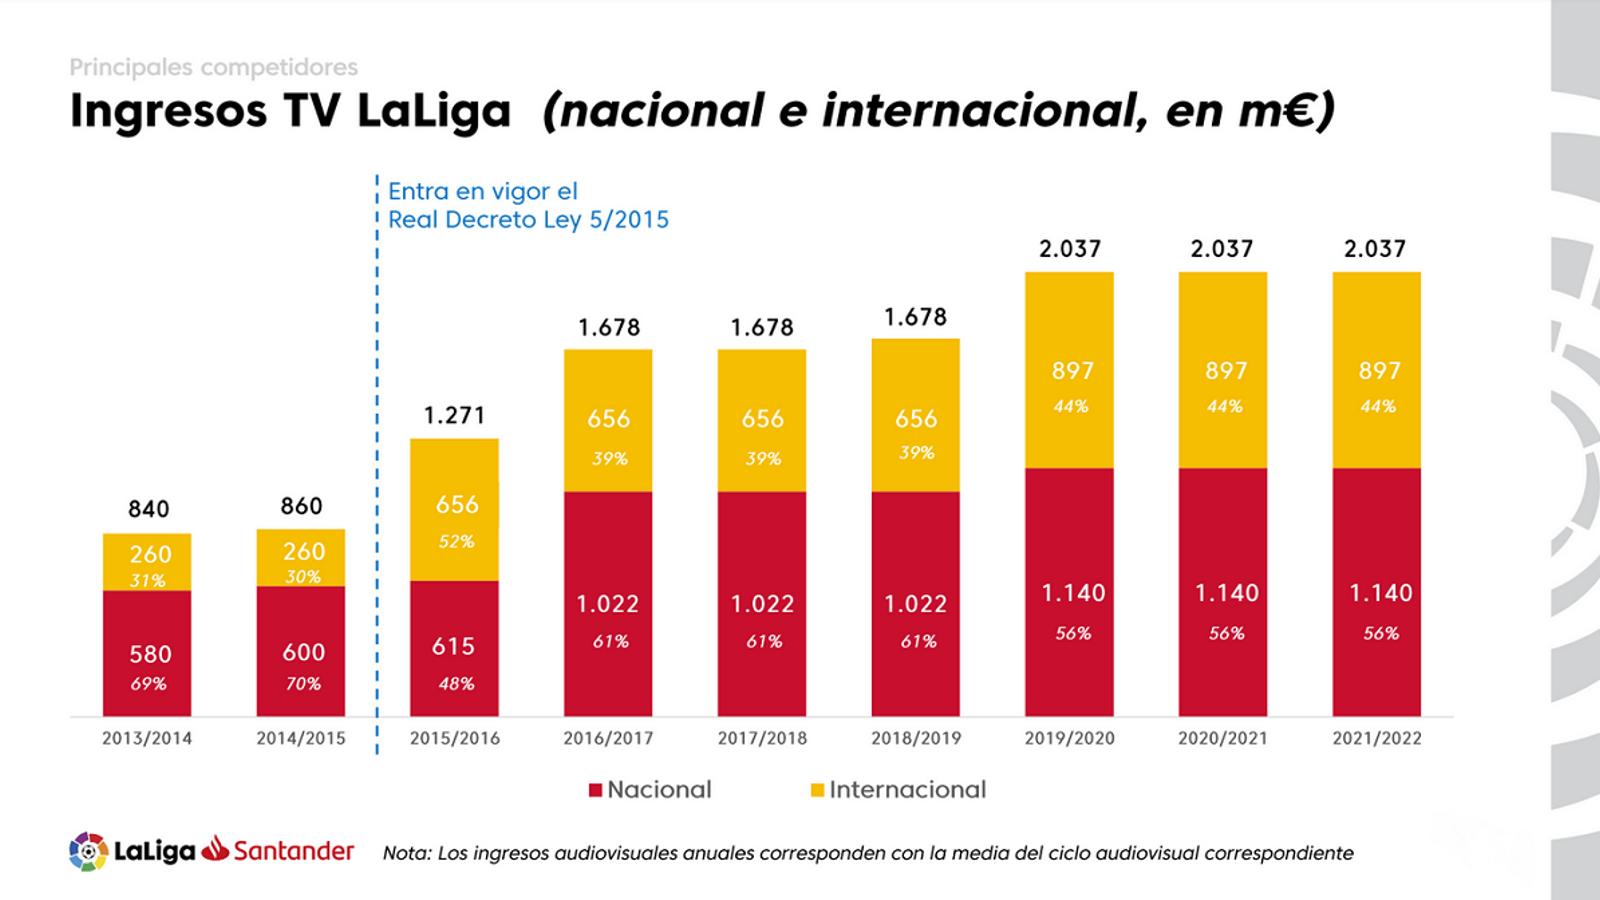 Ingressos de La Lliga per drets televisius, del 2013 al 2022